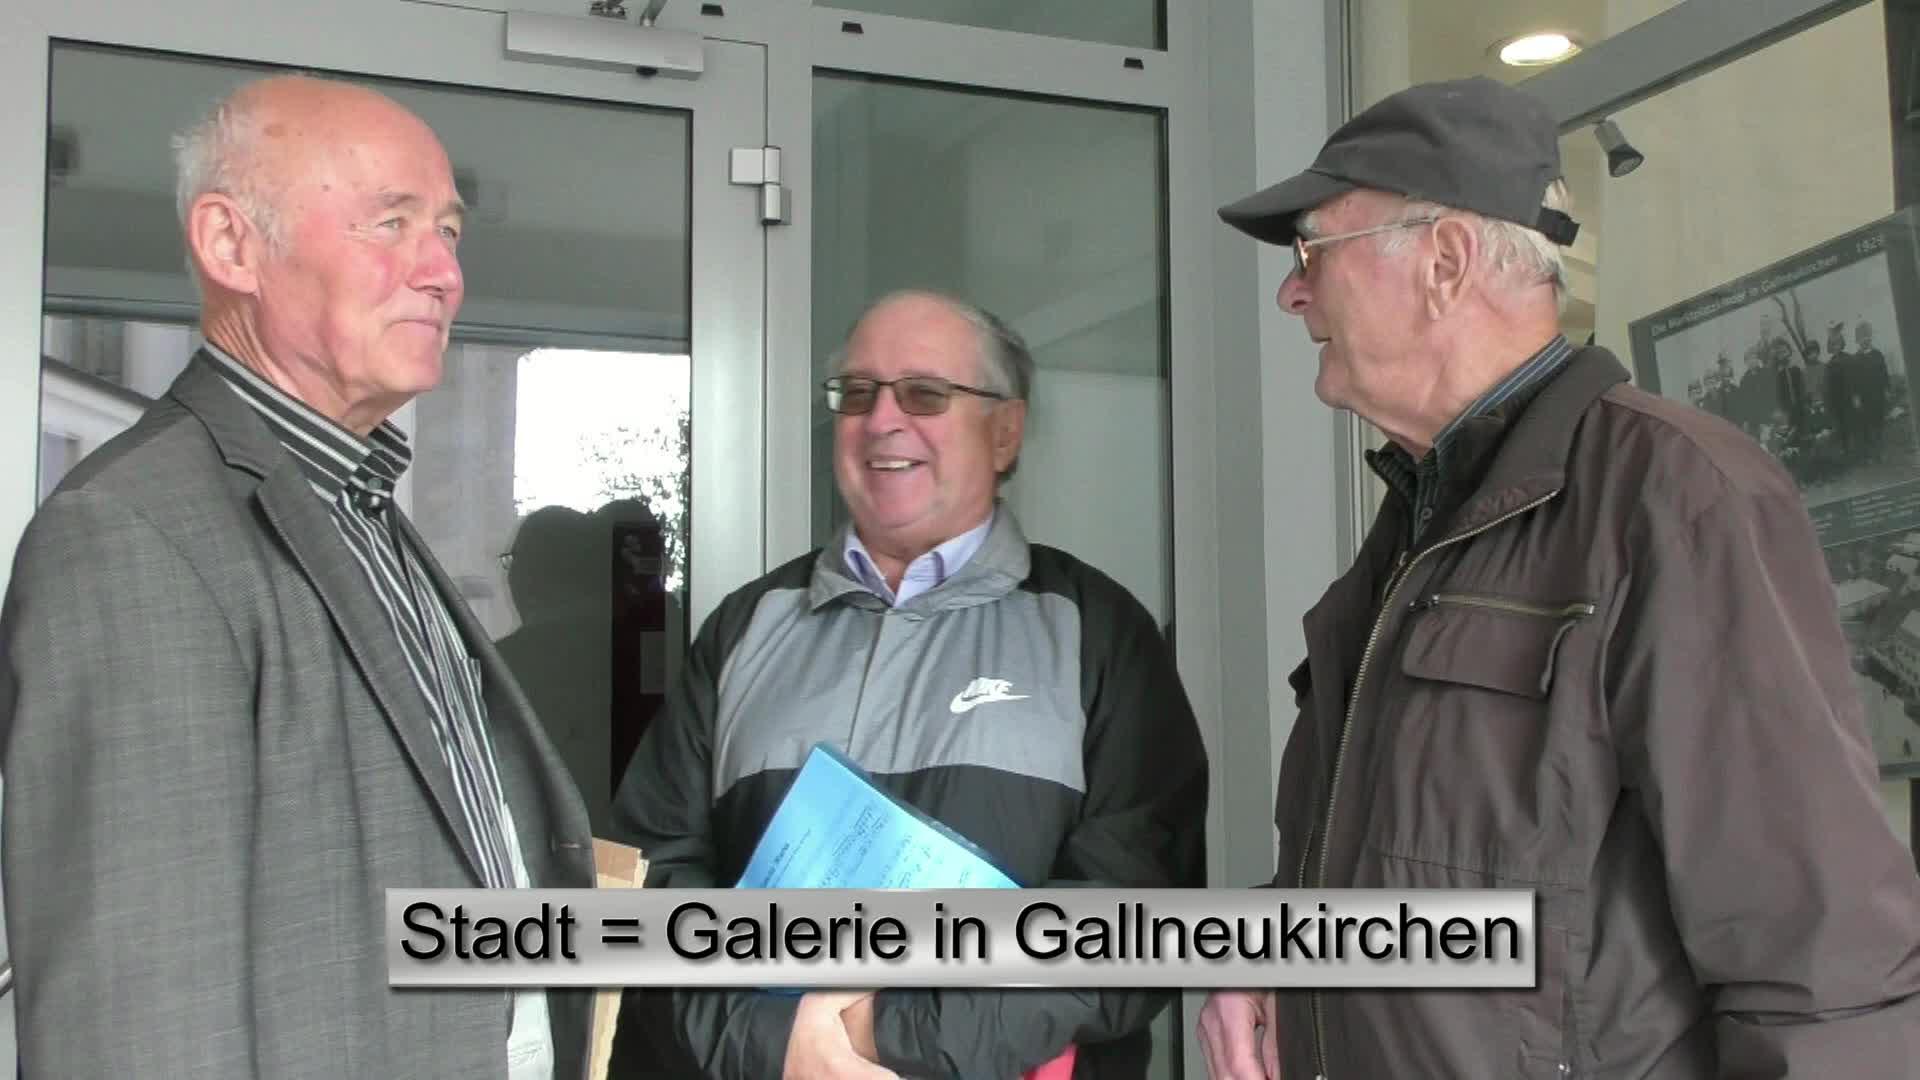 Stadt = Galerie in Gallneukirchen